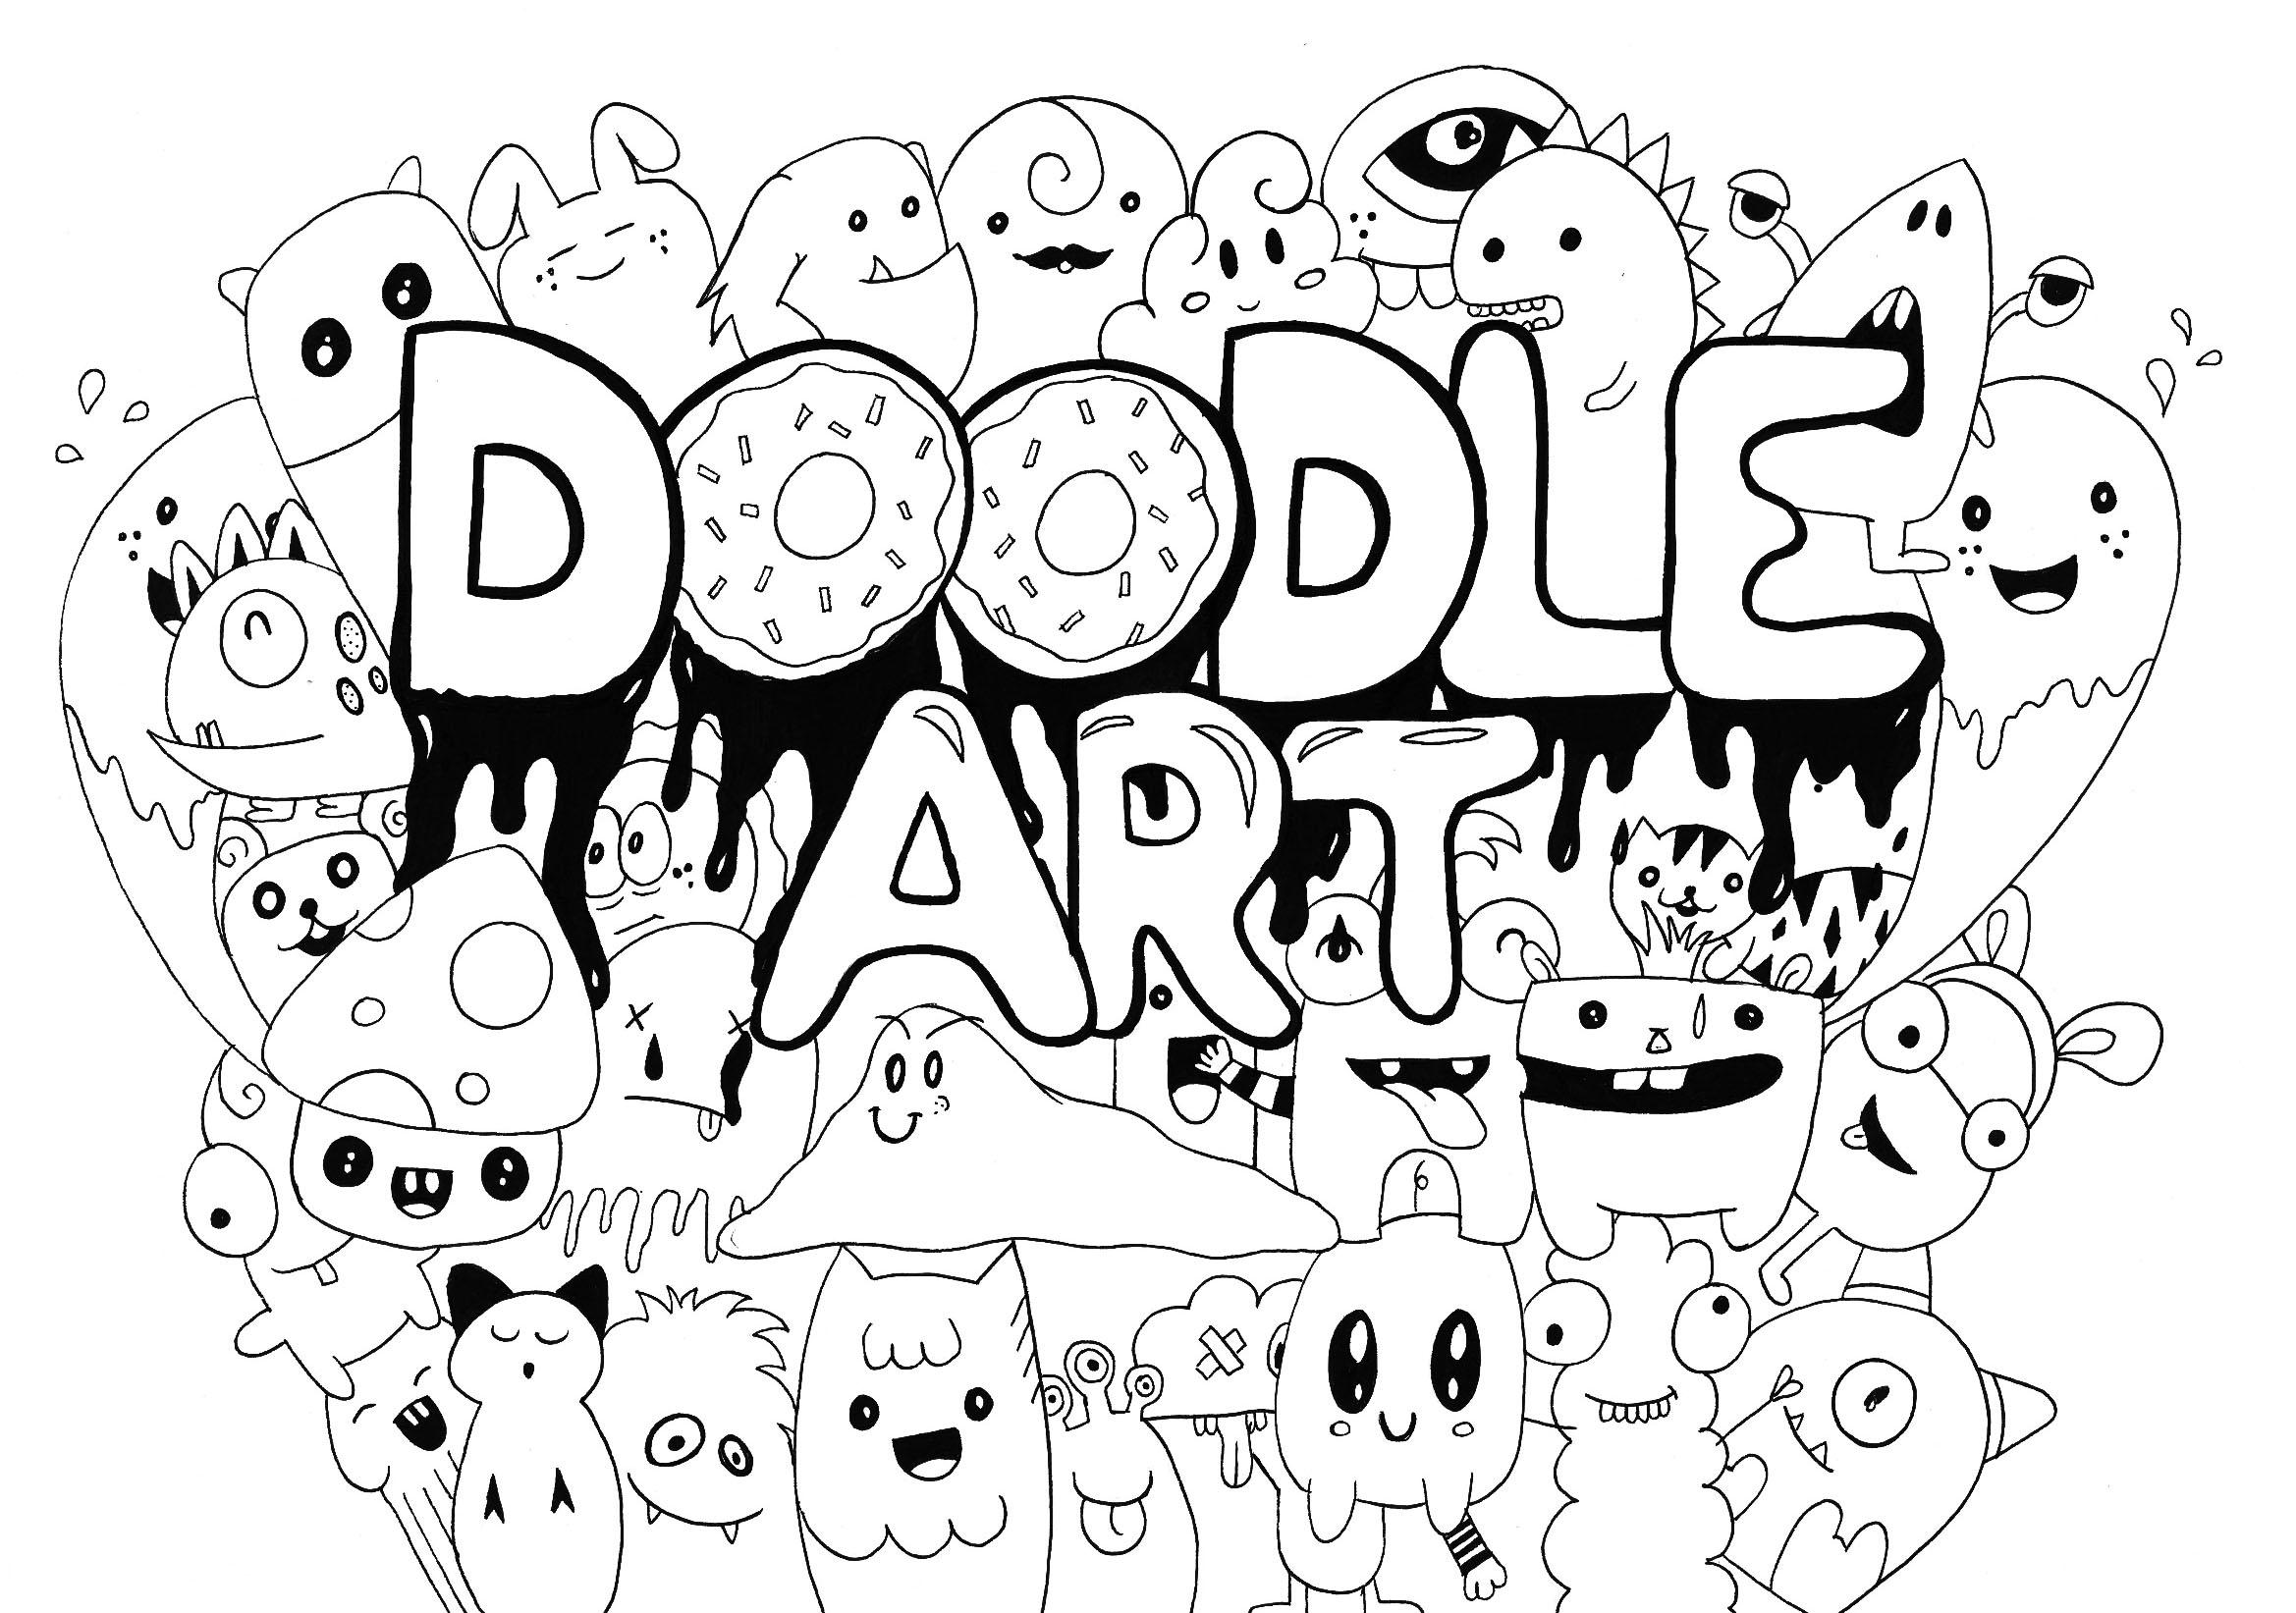 Colorear para adultos : Doodle art / Doodling - 36